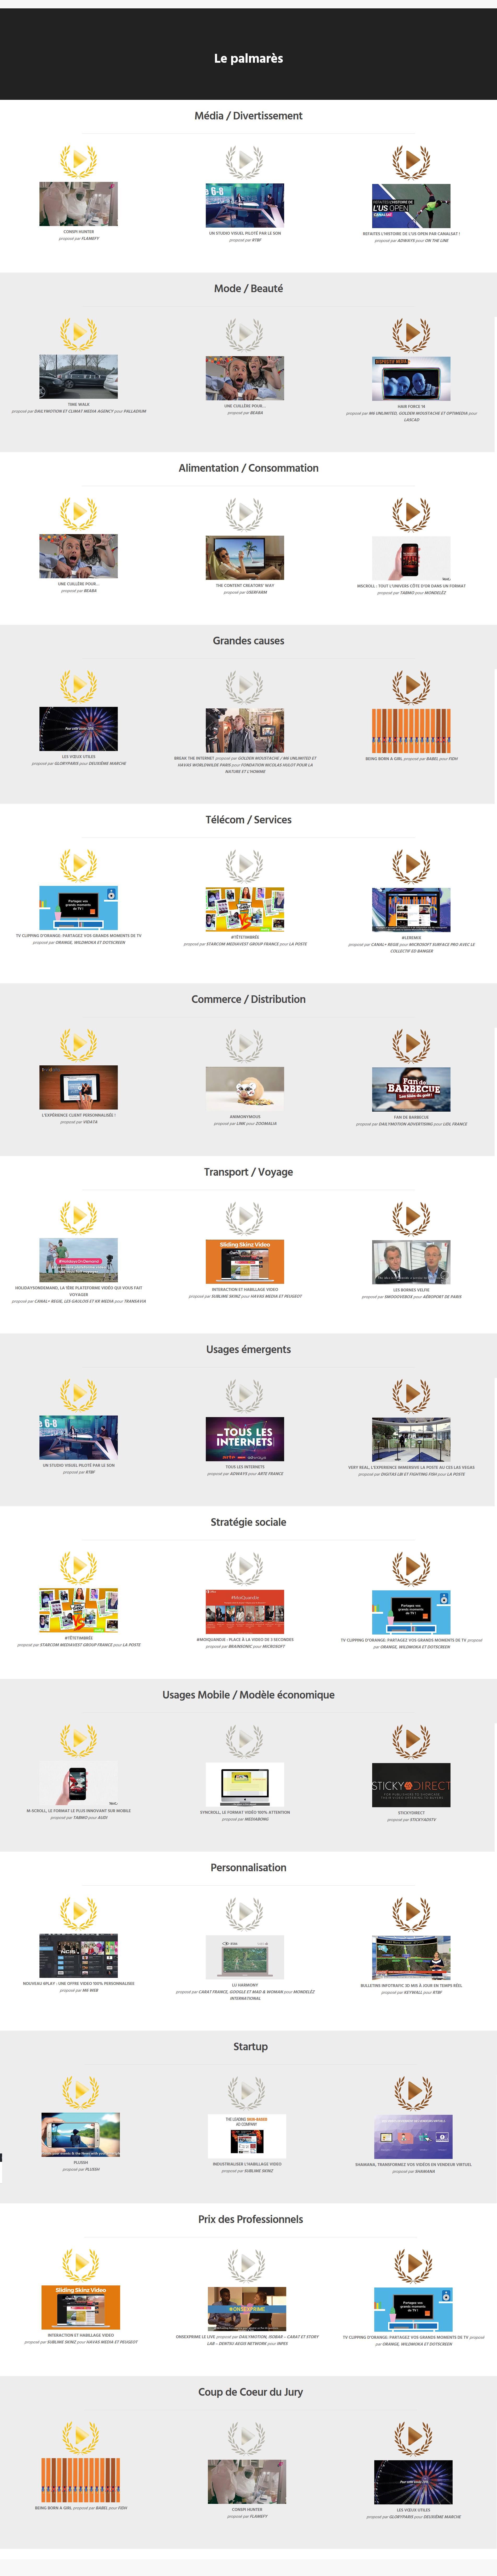 Resultats awards videos